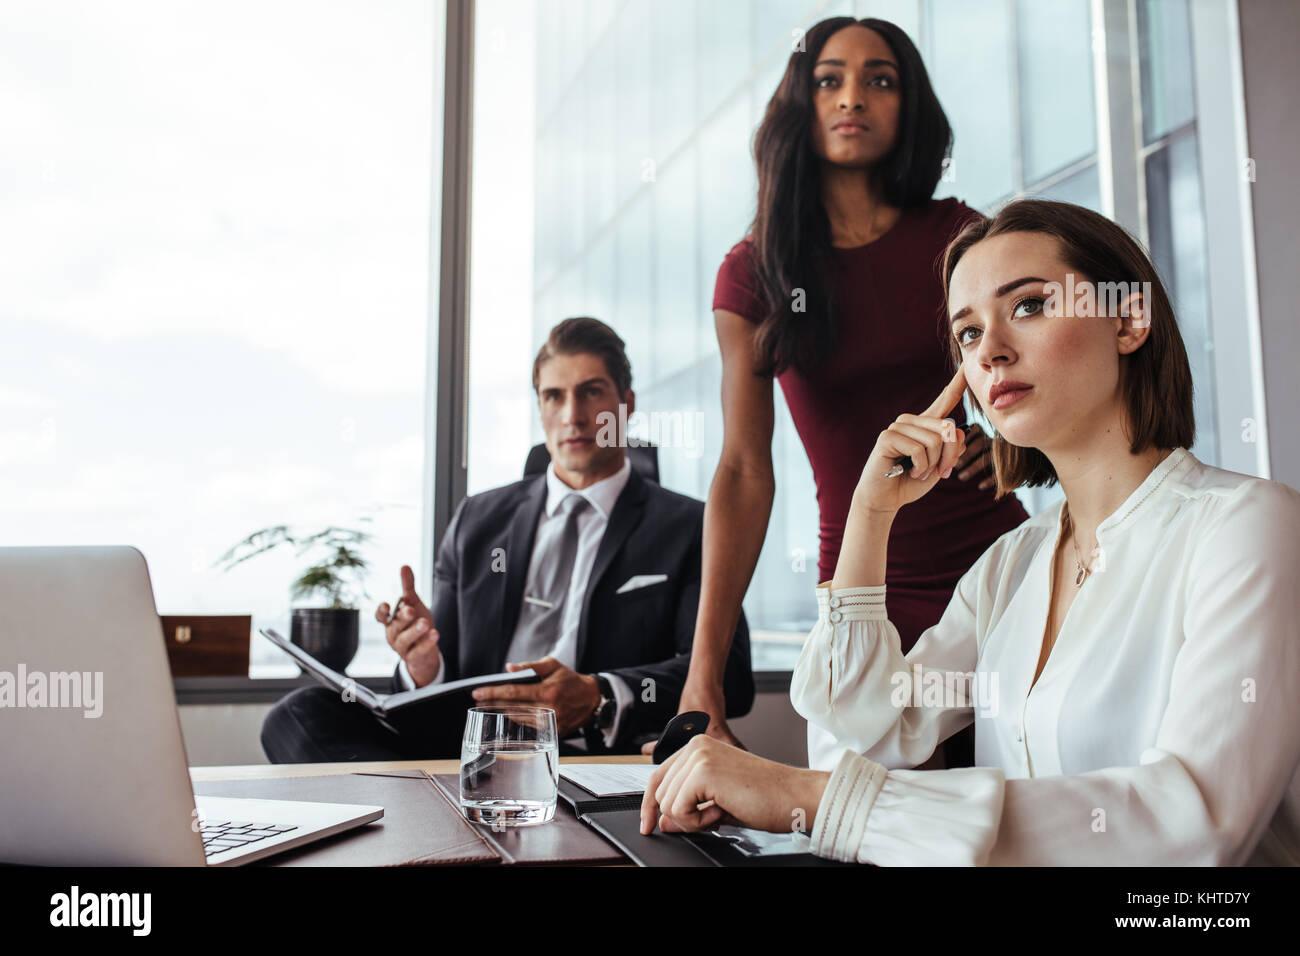 Tre imprenditori seduti alla scrivania e prestando attenzione a qualcosa di importante. giovane donna con i colleghi Immagini Stock